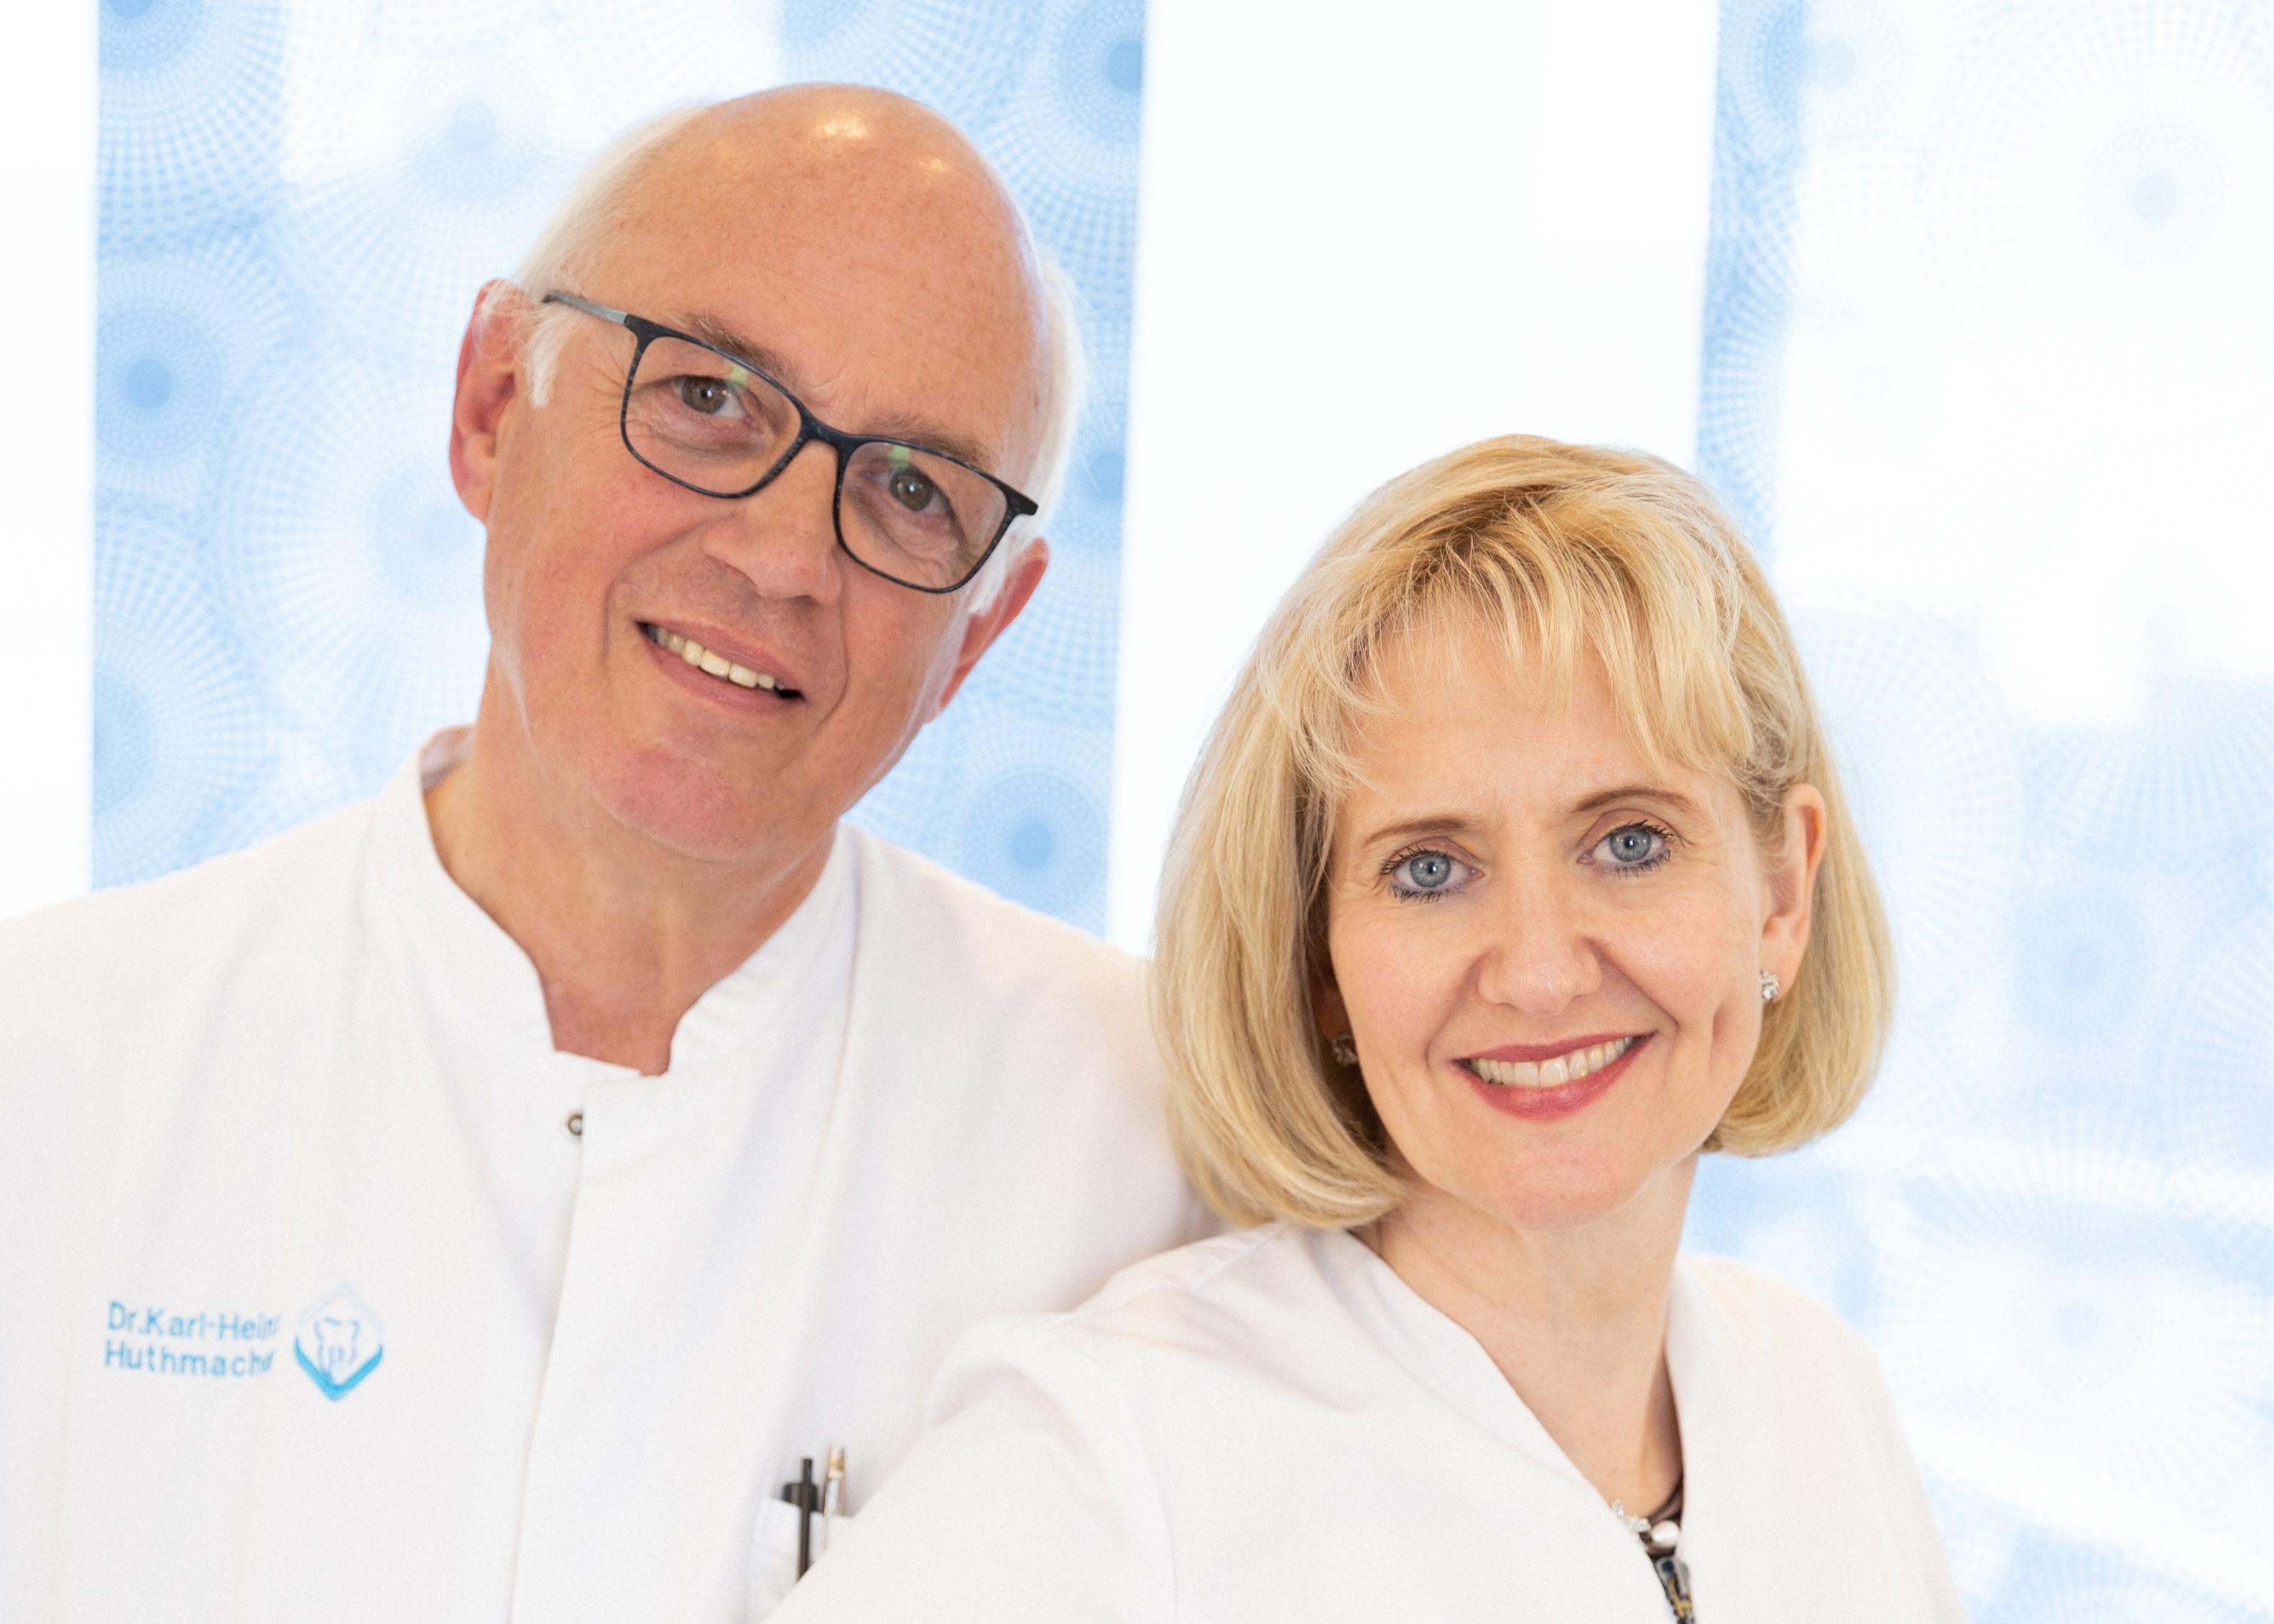 Das Team der Zahnarztpraxis Dr. Huthmacher und Dr. Püttmann-Isfort